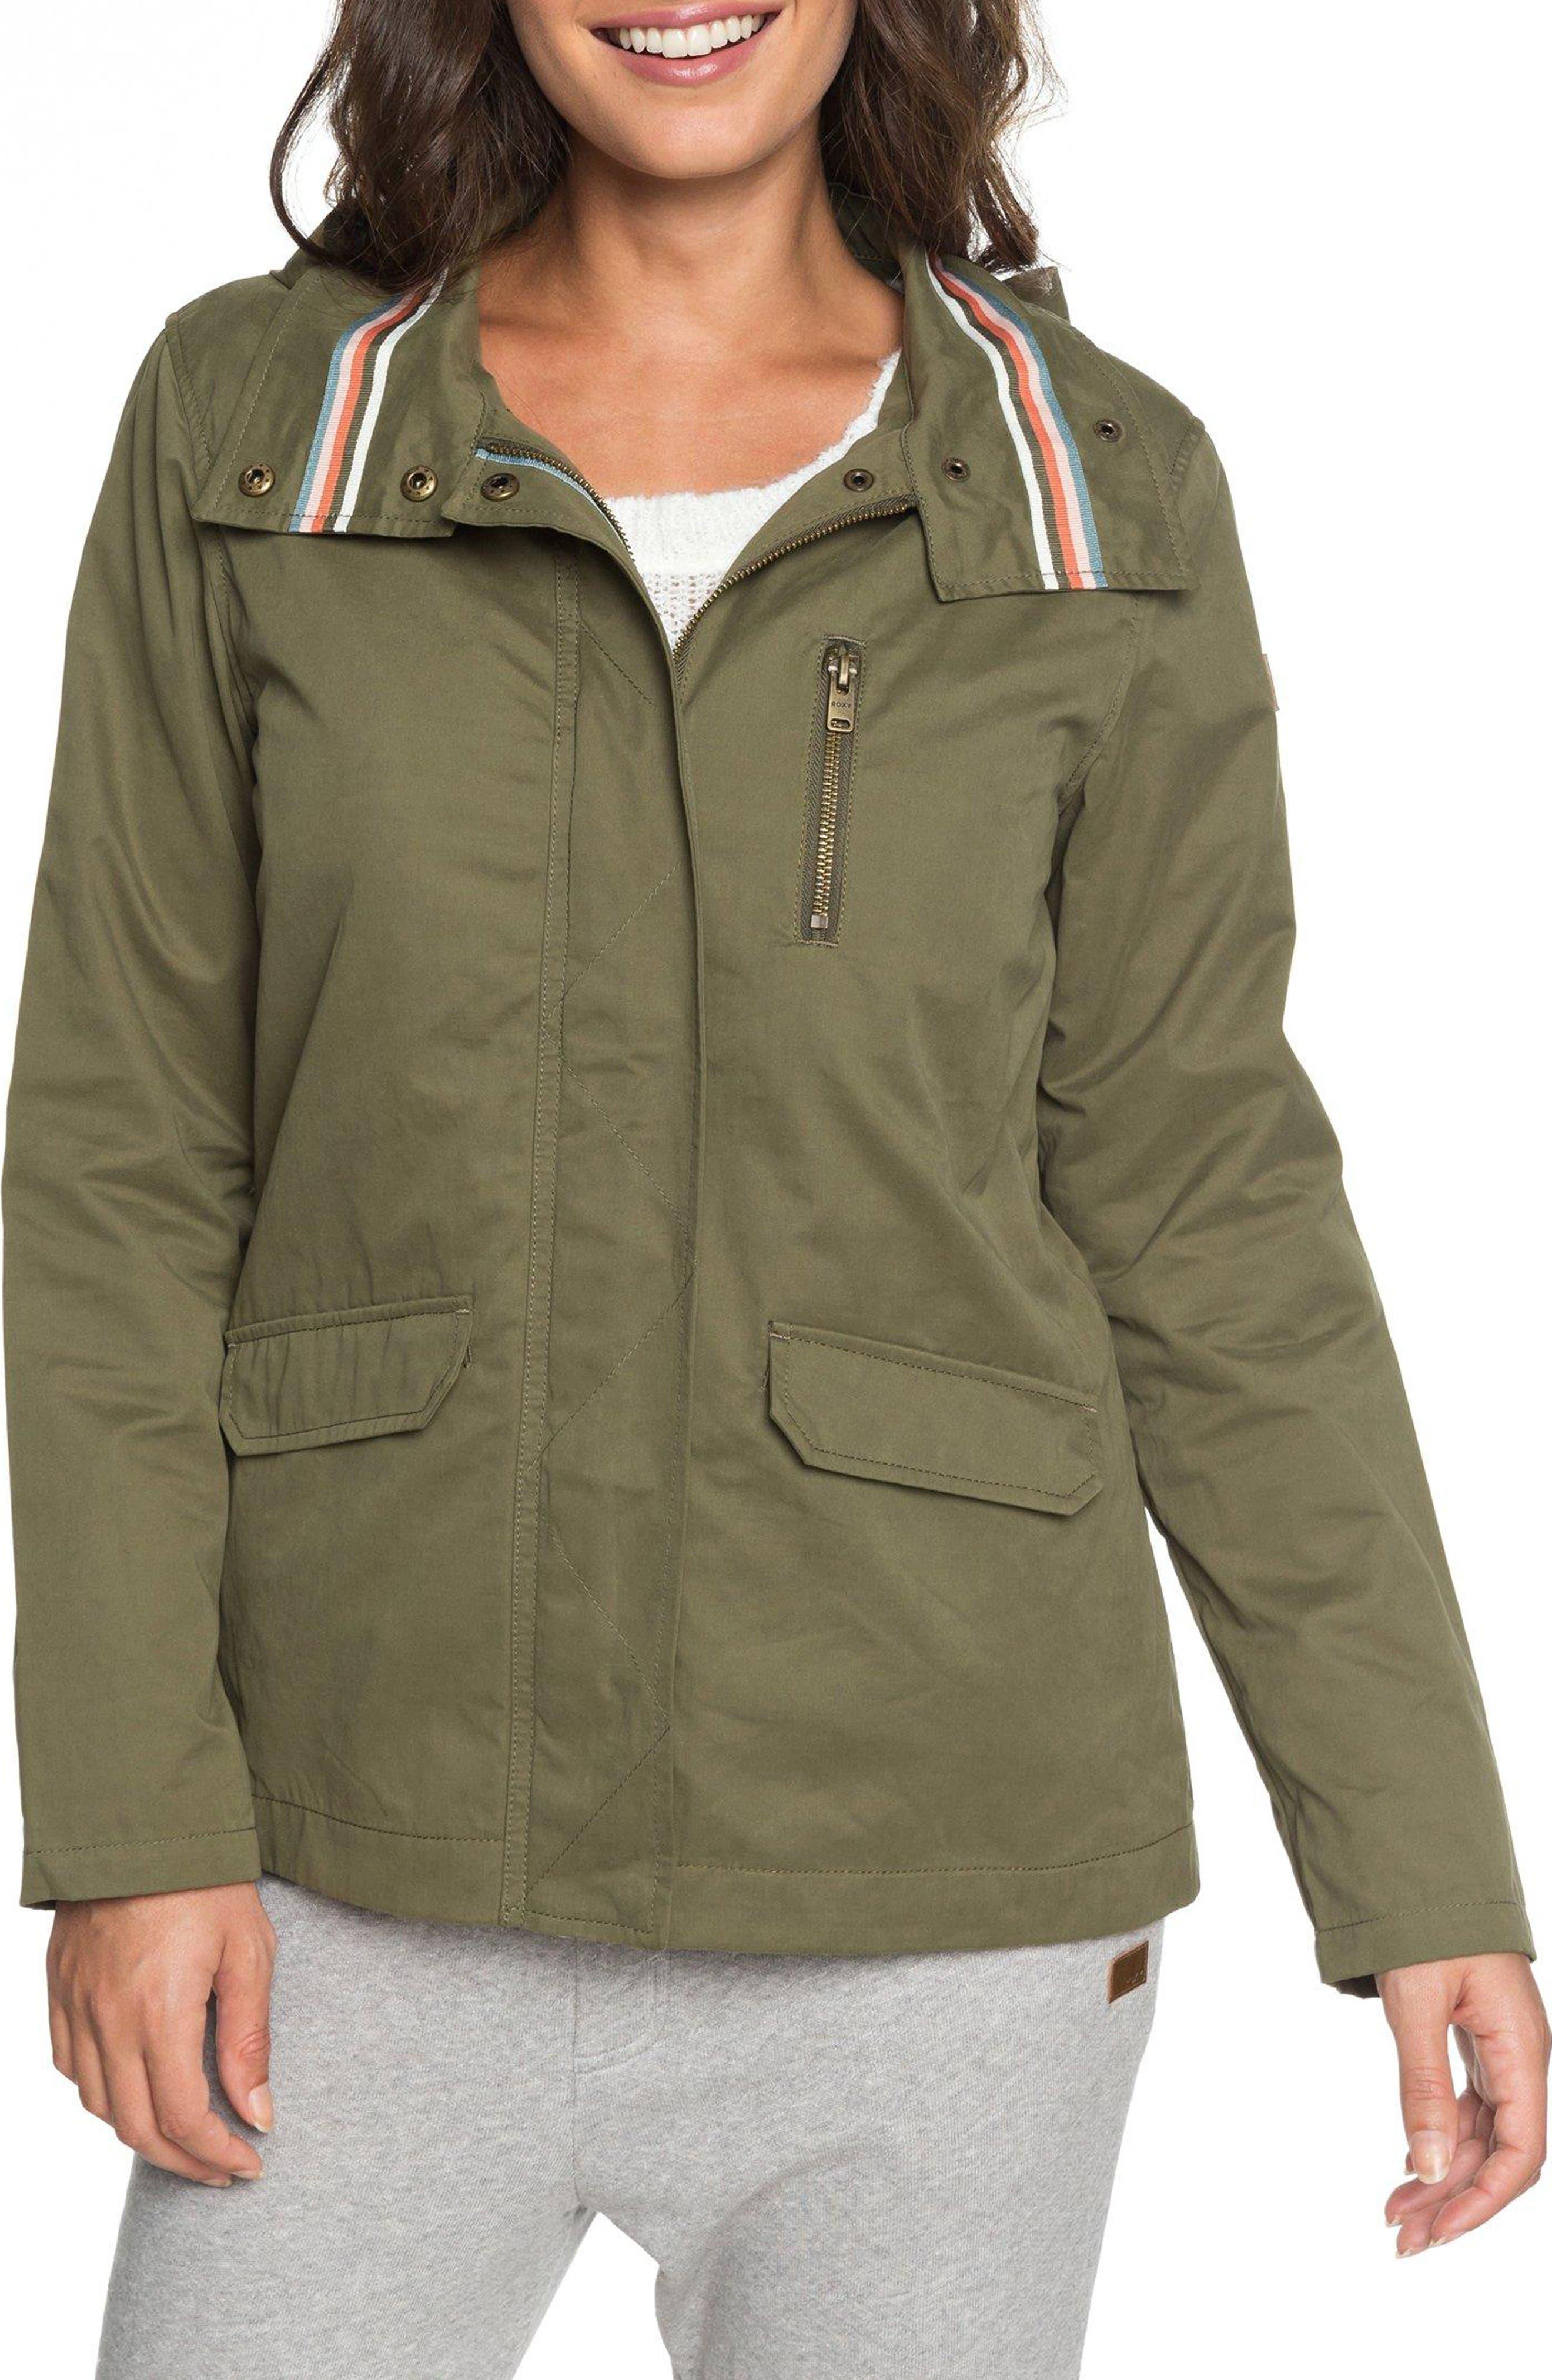 Lightning Strike Jacket,                         Main,                         color, BURNT OLIVE